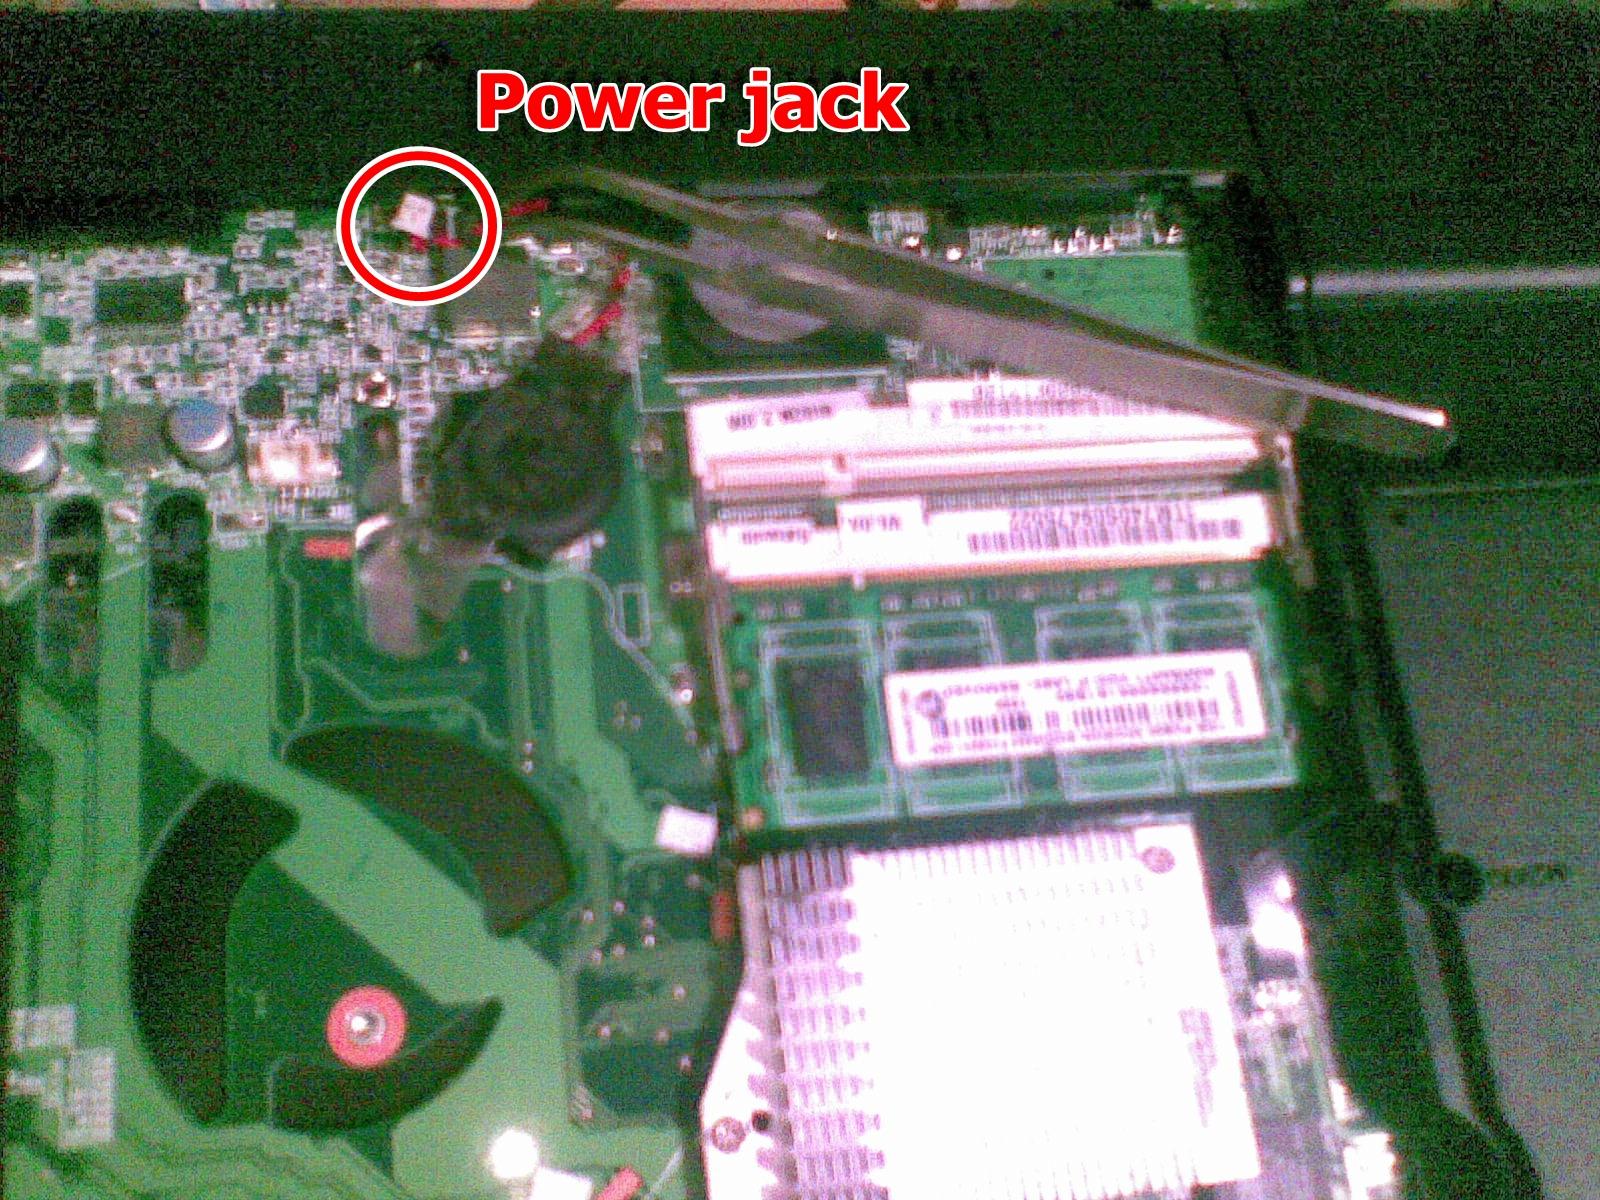 Aripware Notes Cara Ganti Bateray Bios Axioo Neon Mnc Baterai Cmos Labtop Cr 2032 Kabel 2 Posisi Dan Jack Powernya Yang Ada Di Bawah Casing